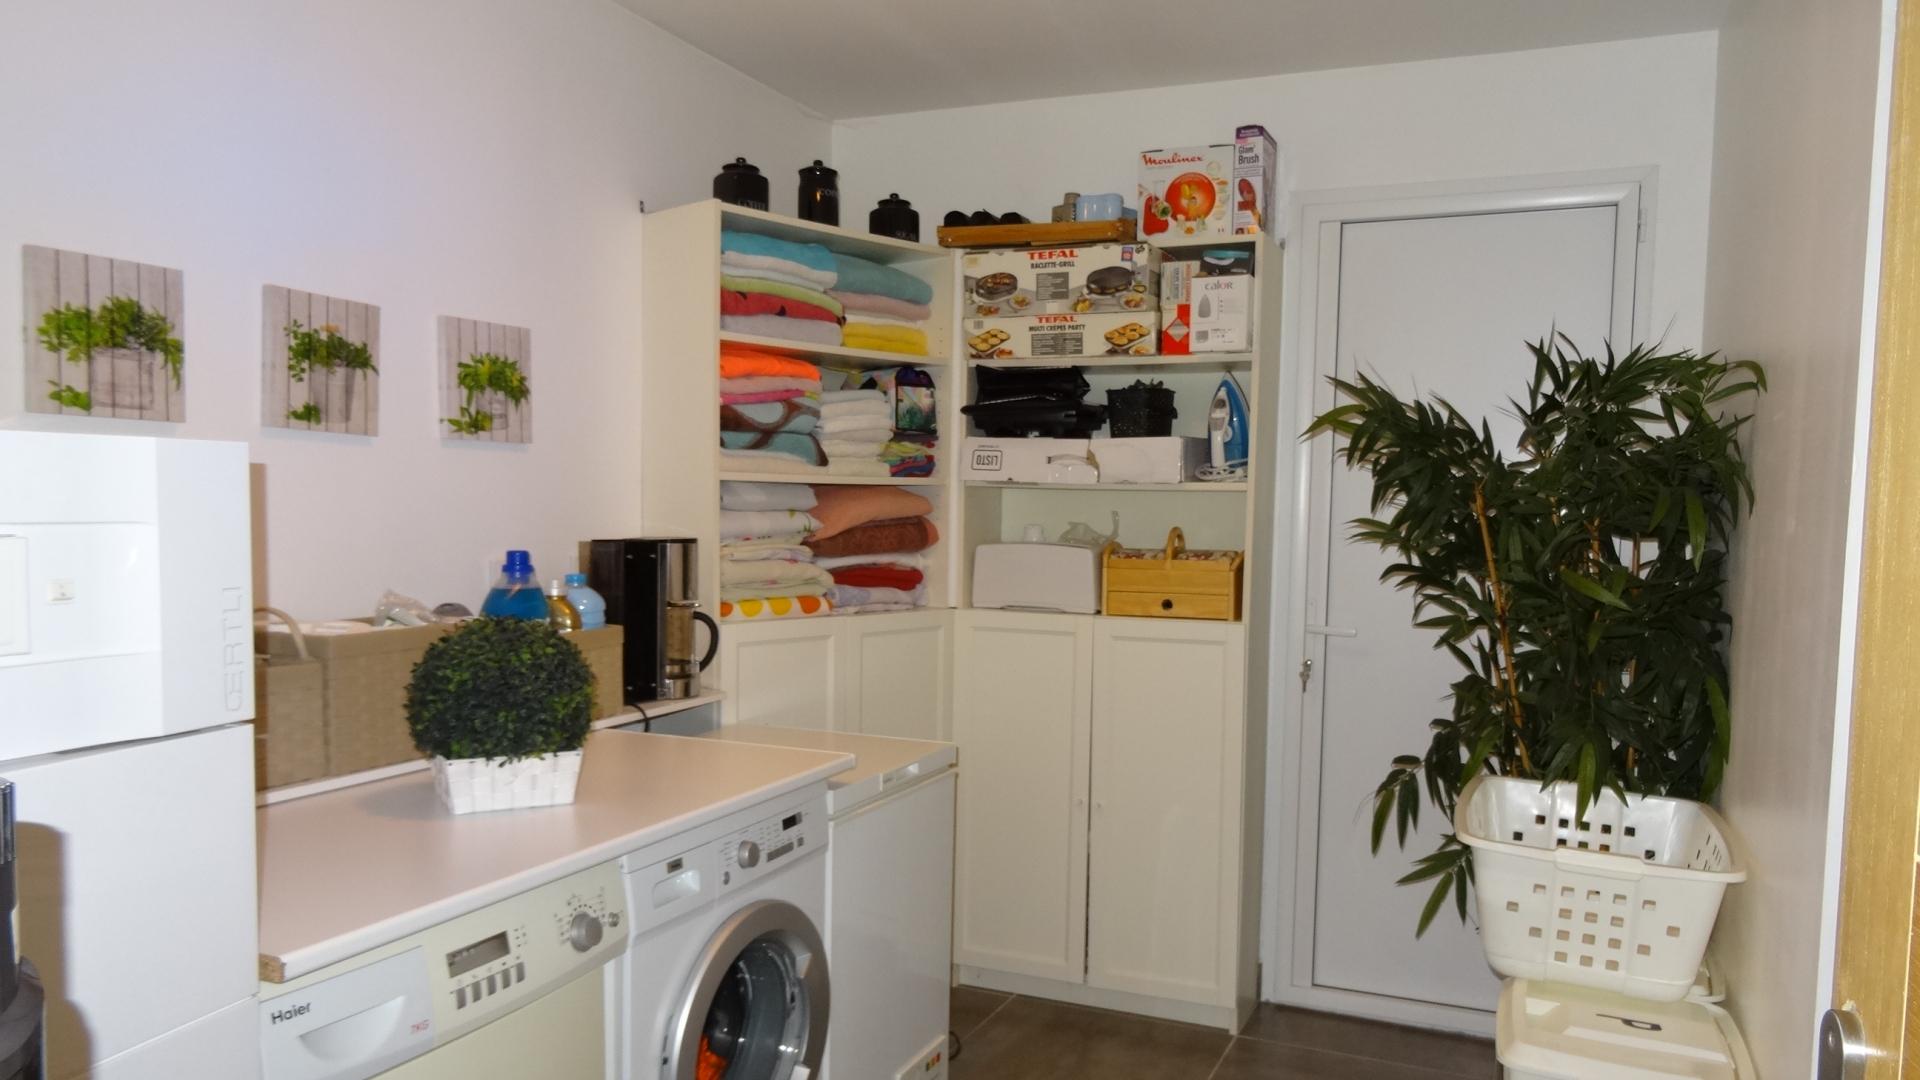 Maison sur leboncoin amazing le bon coin maison with le for Garage a louer le bon coin